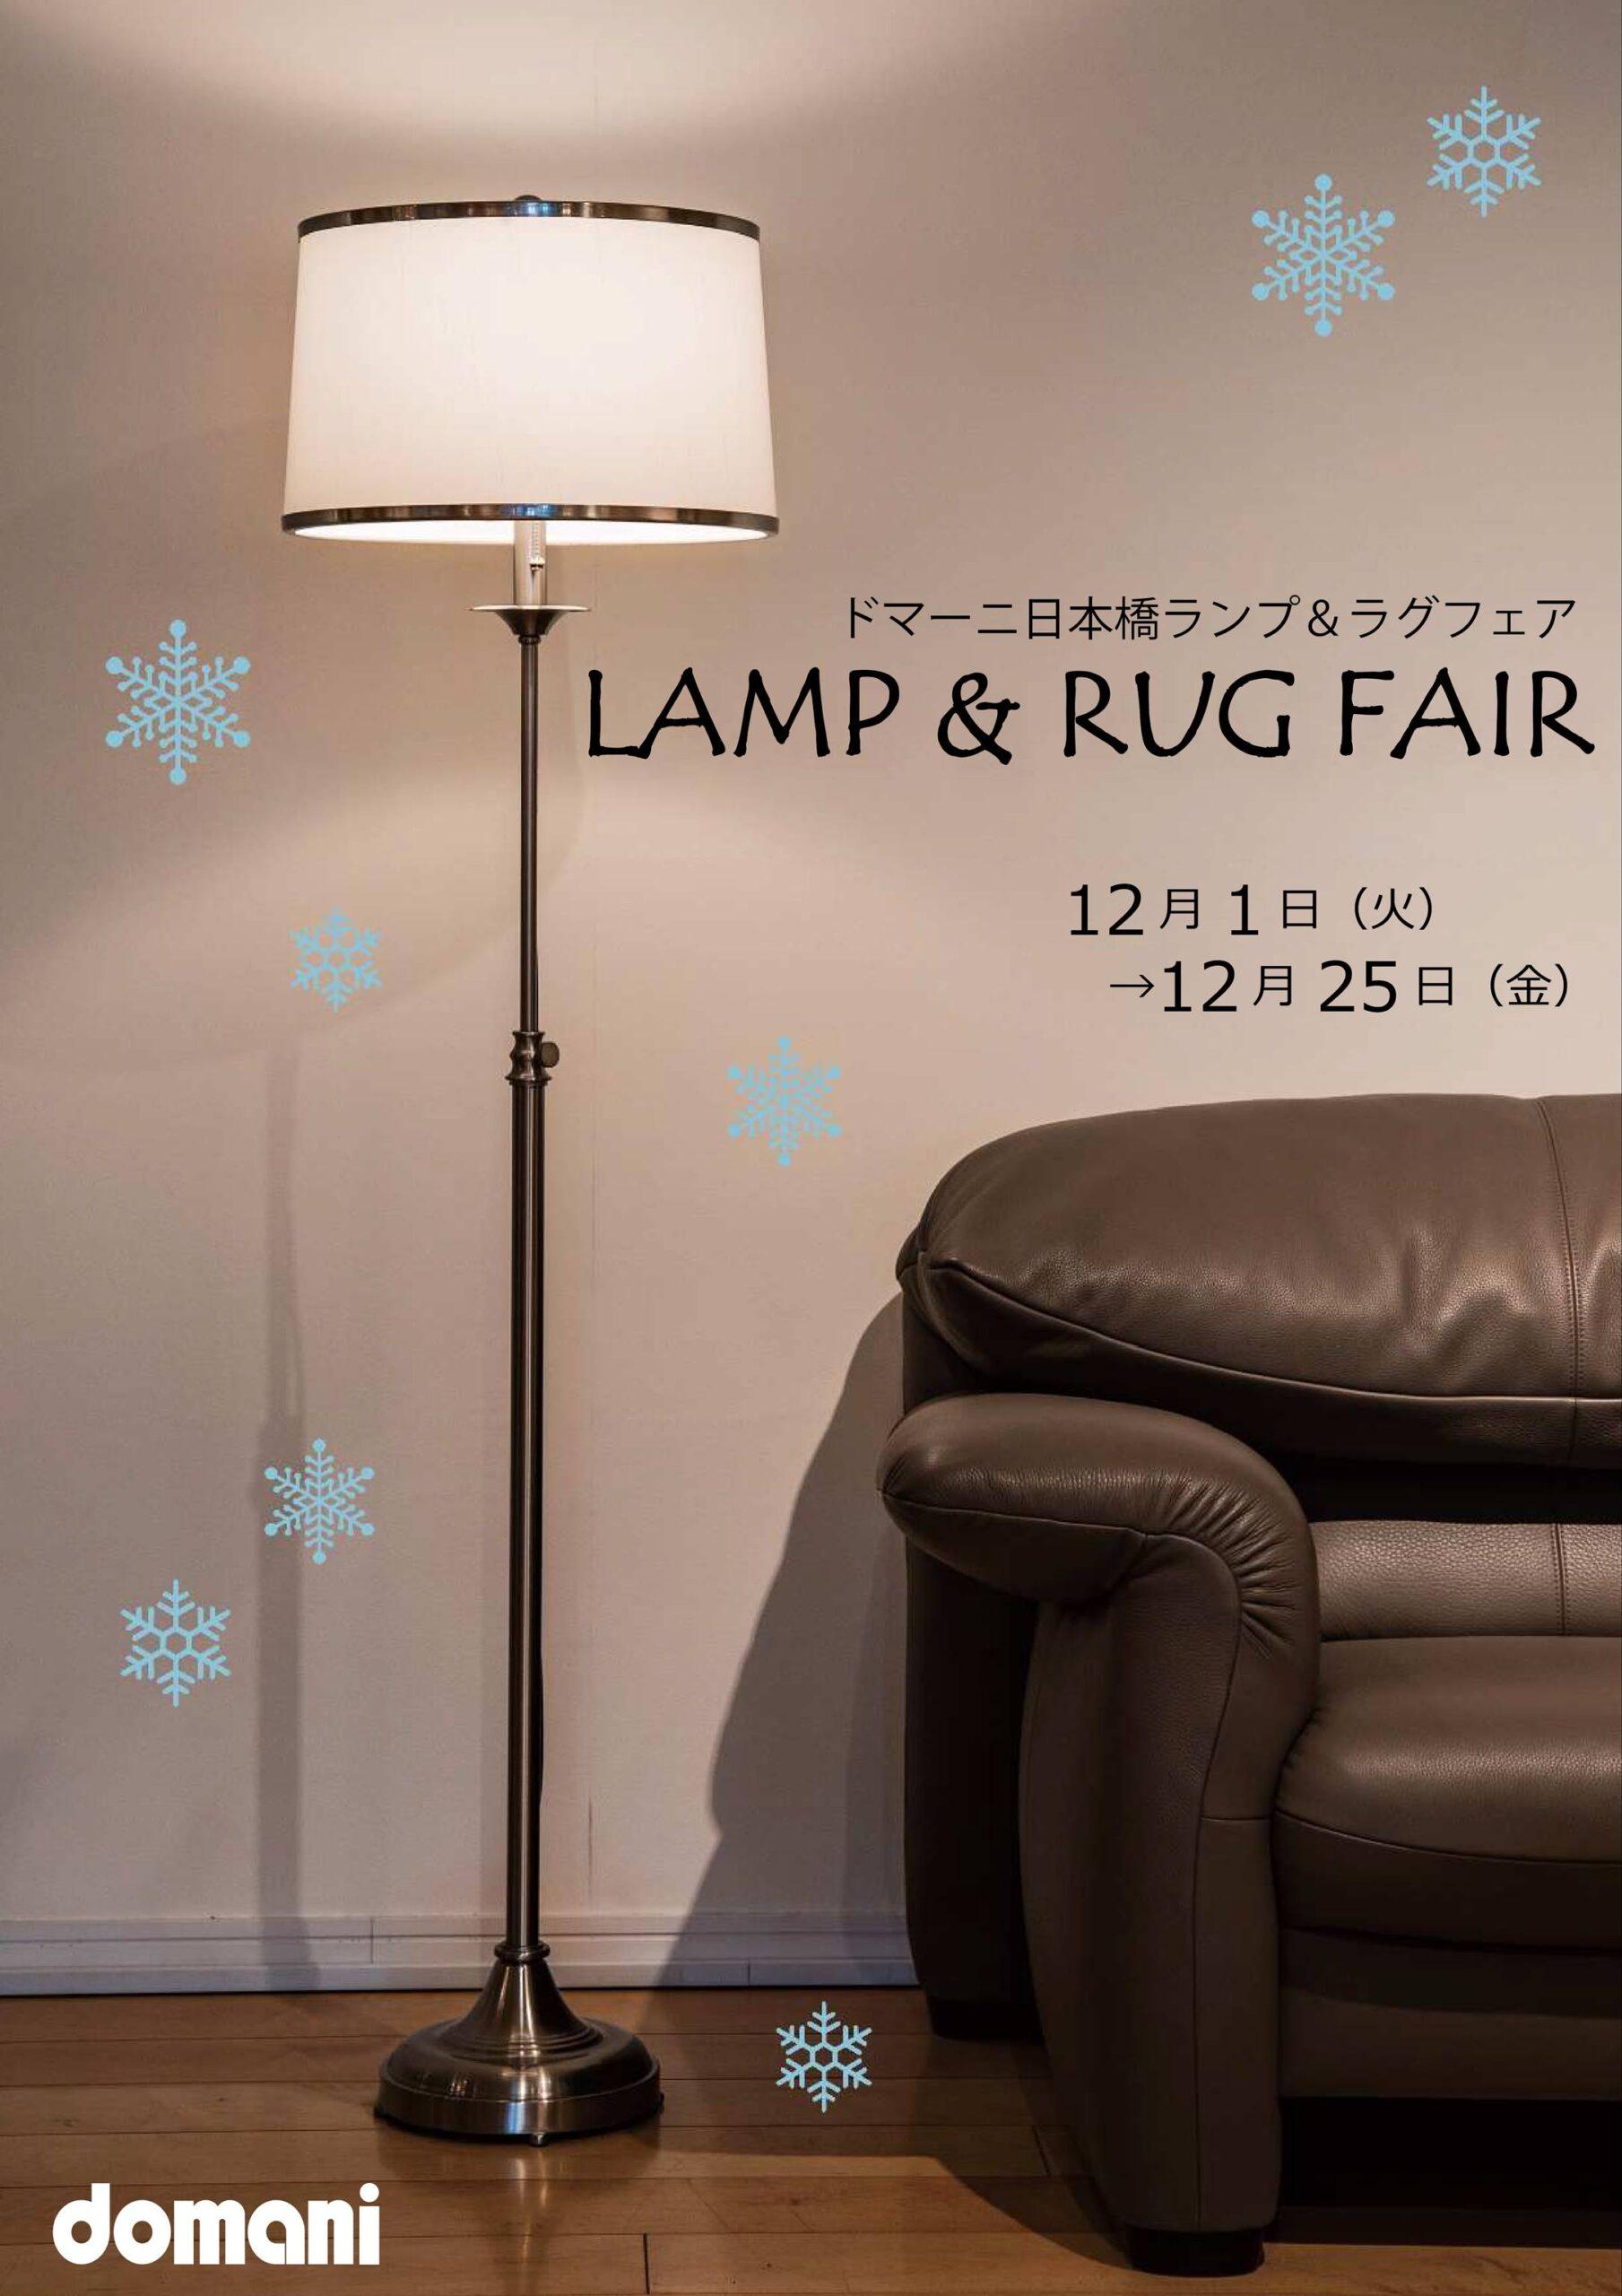 ランプ&ラグフェア開催のご案内